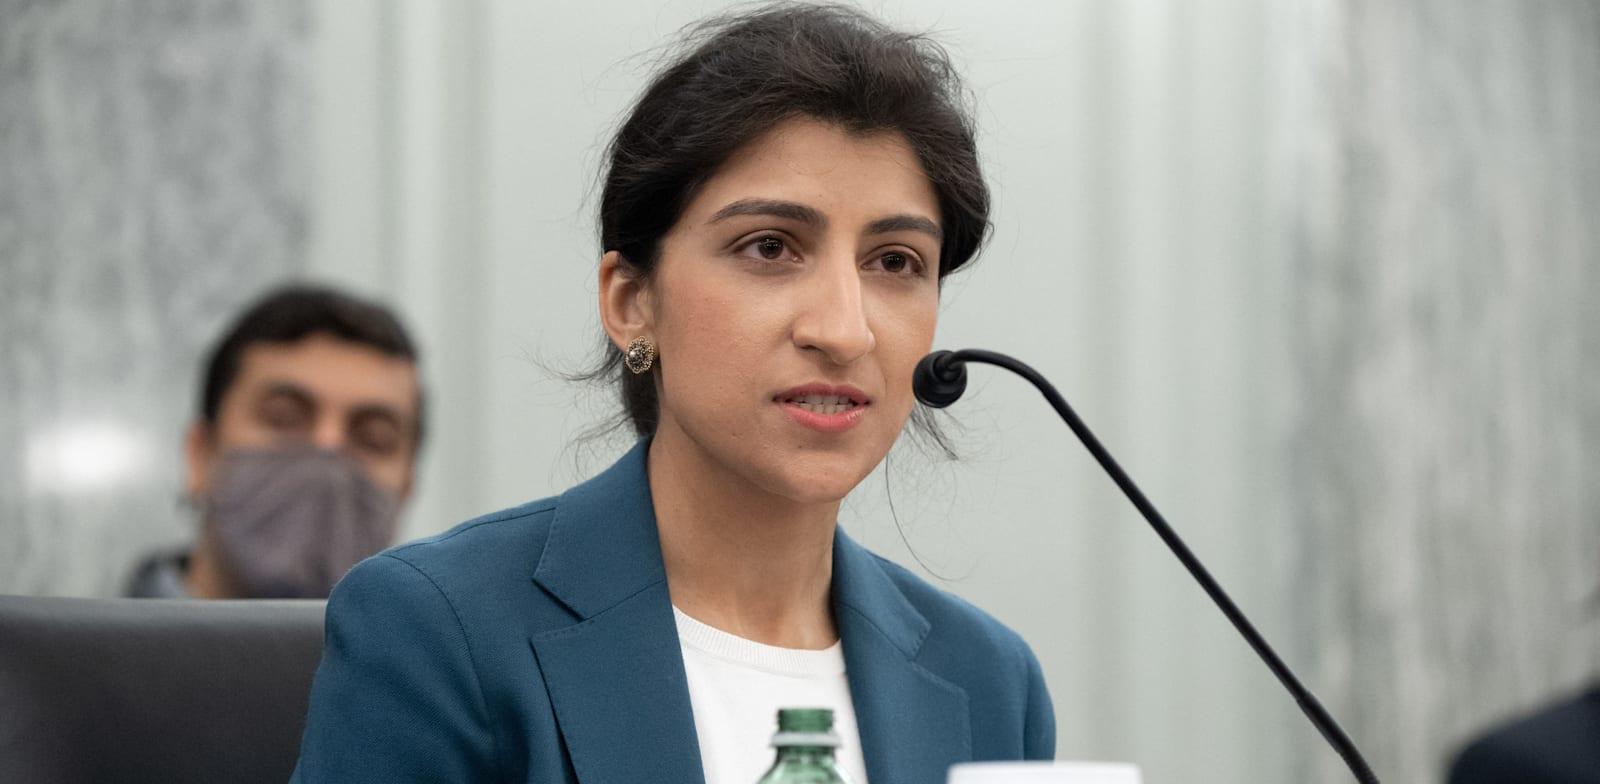 לינה חאן, יושבת־הראש החדשה של ה־FTC / צילום: Reuters, Loeb Saul/Pool/ABACA